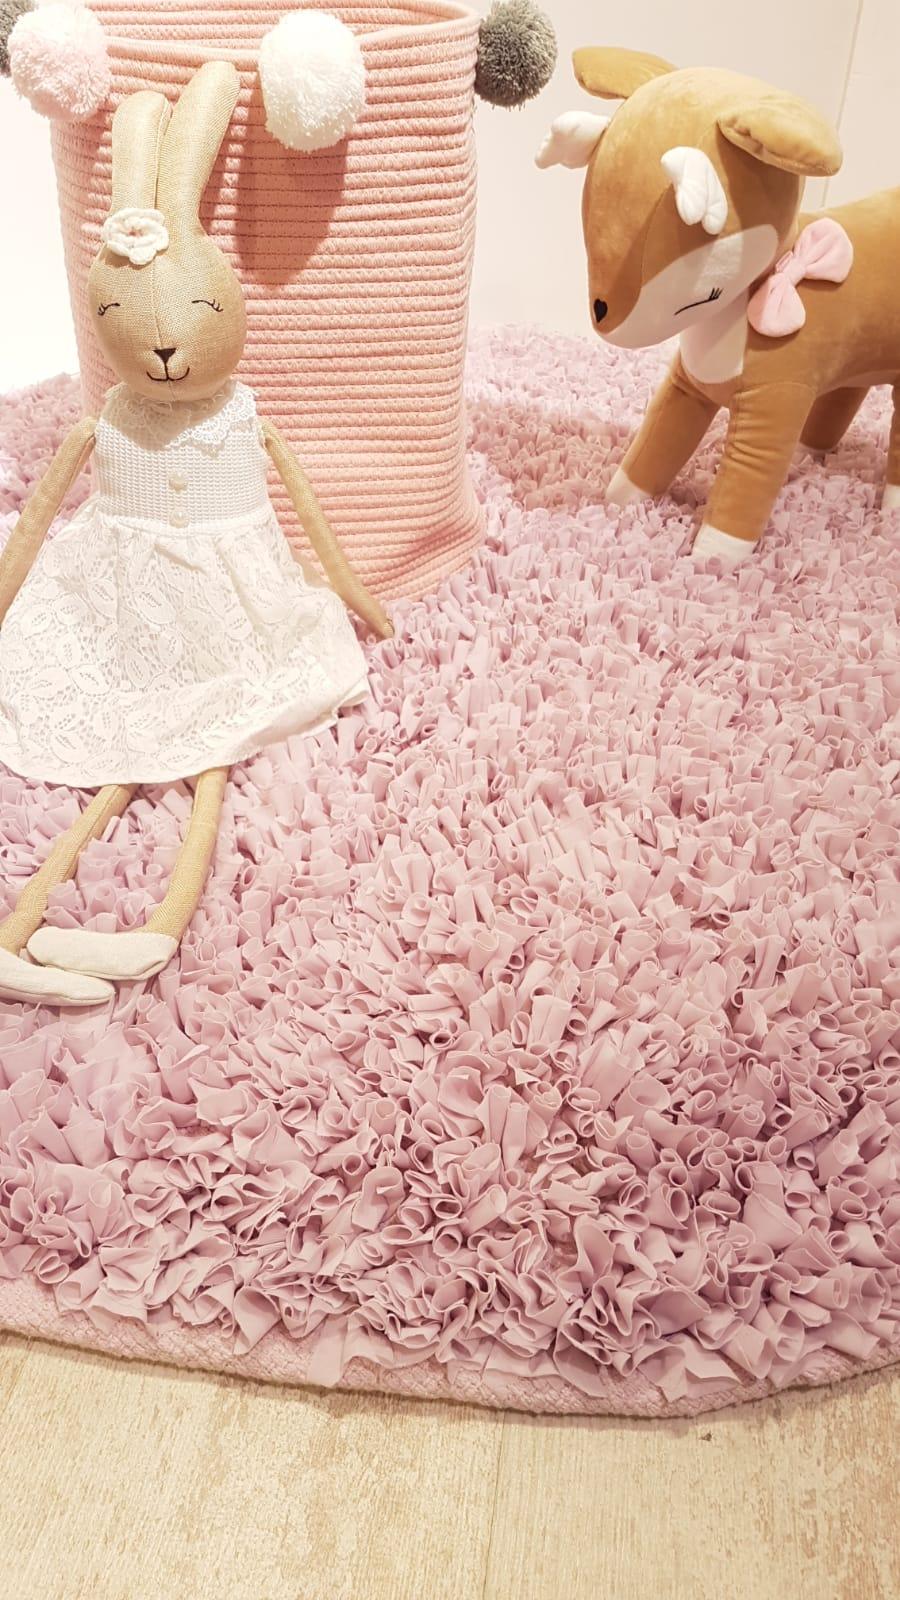 שטיח עגול לחדר ילדים סגול לילך בהיר 130 קוטר